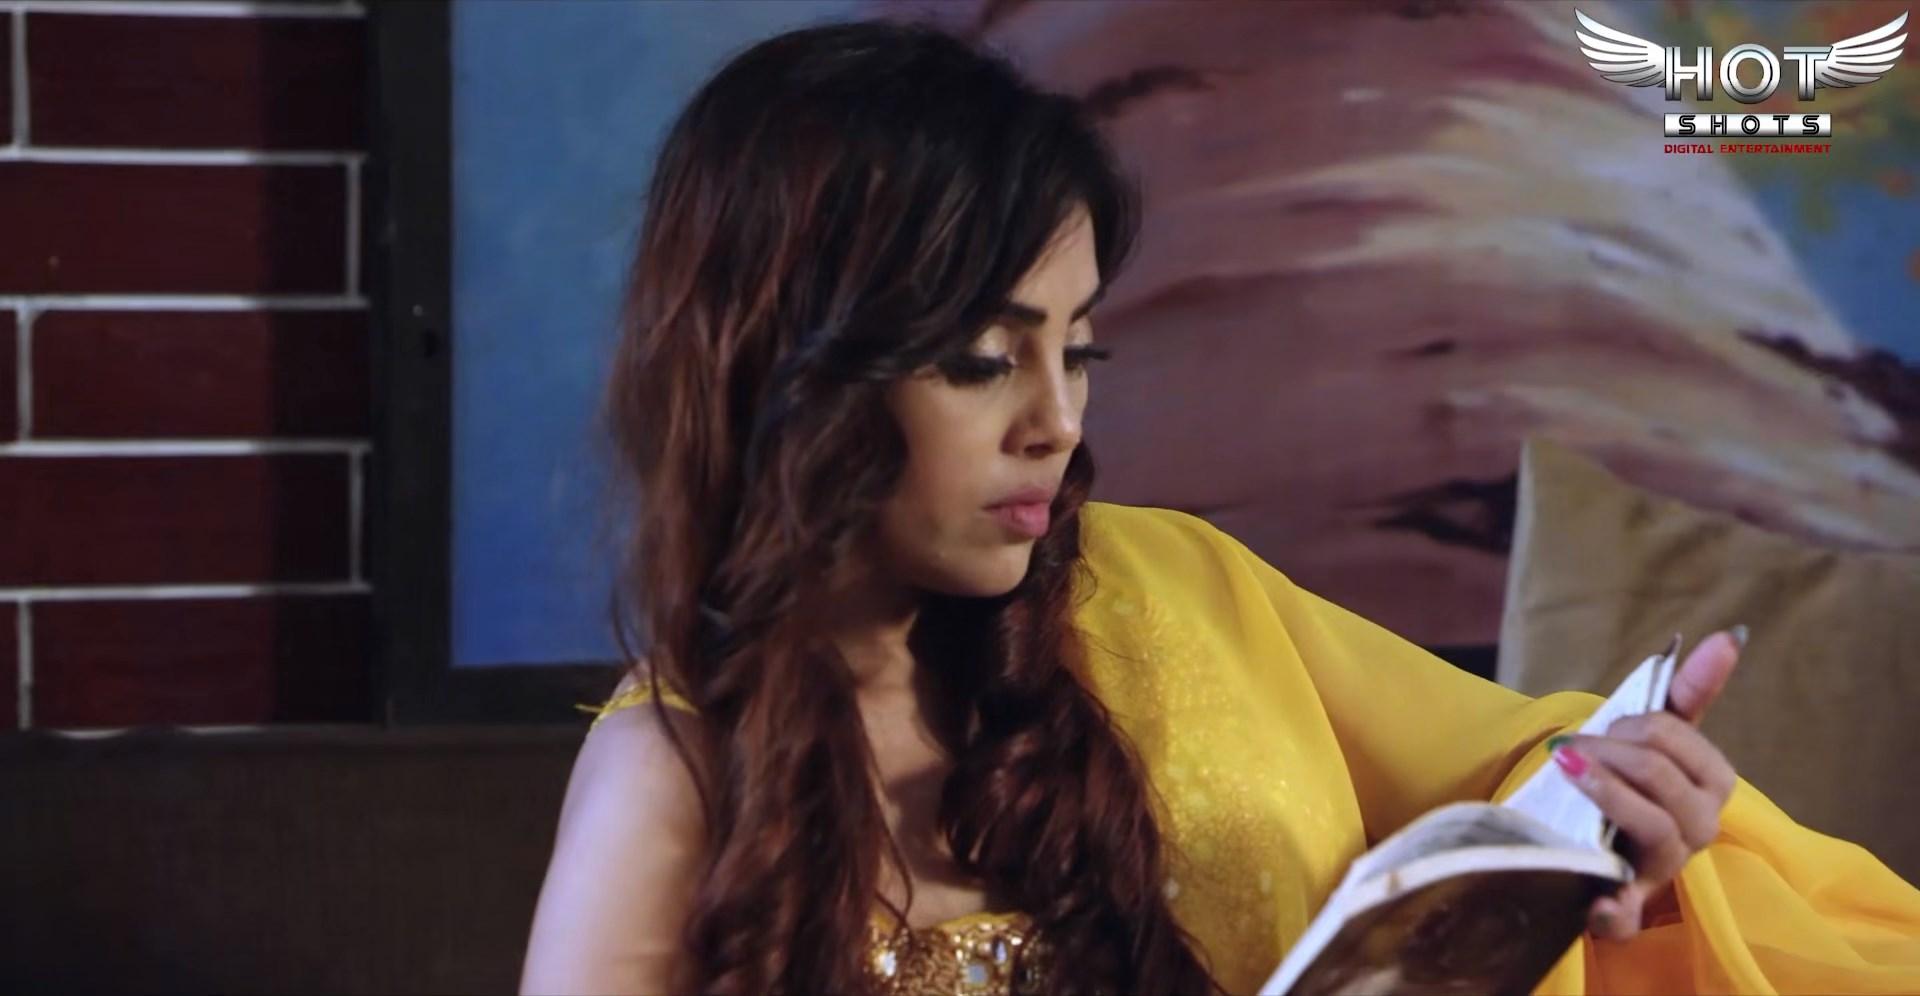 dhrs 2 - 18+ Dream 2020 HotShots Originals Hindi Short Film 720p HDRip 150MB x264 AAC